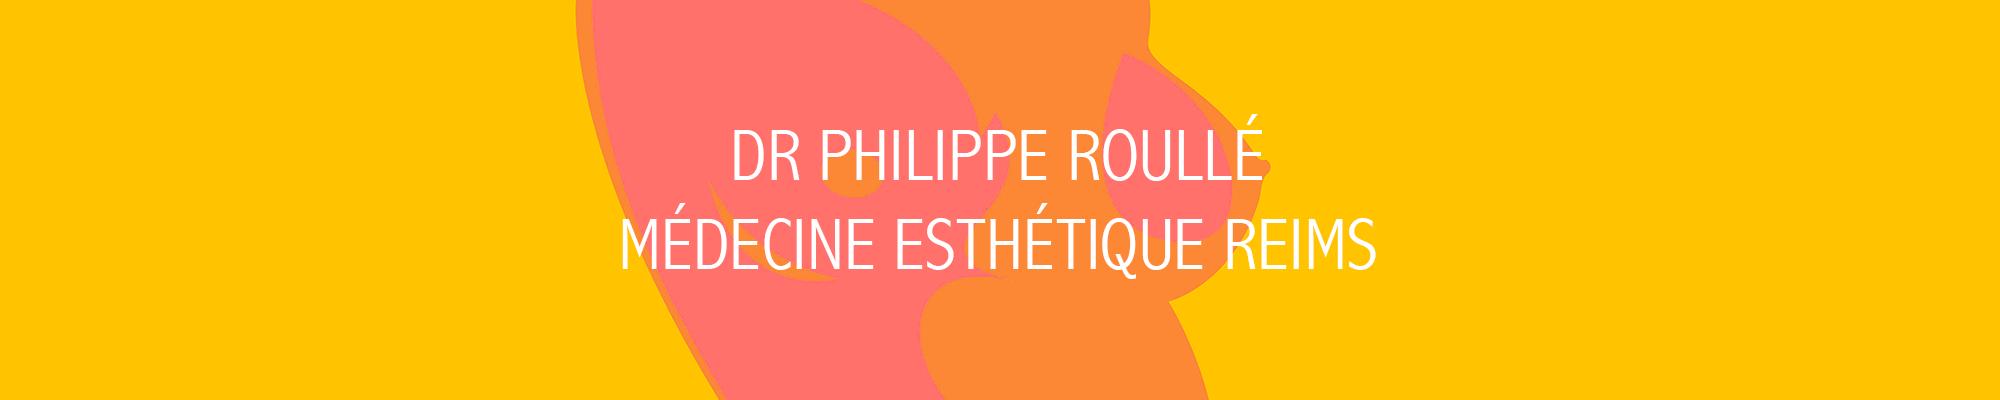 DR Philippe Roullé Médecine Esthétique Reims